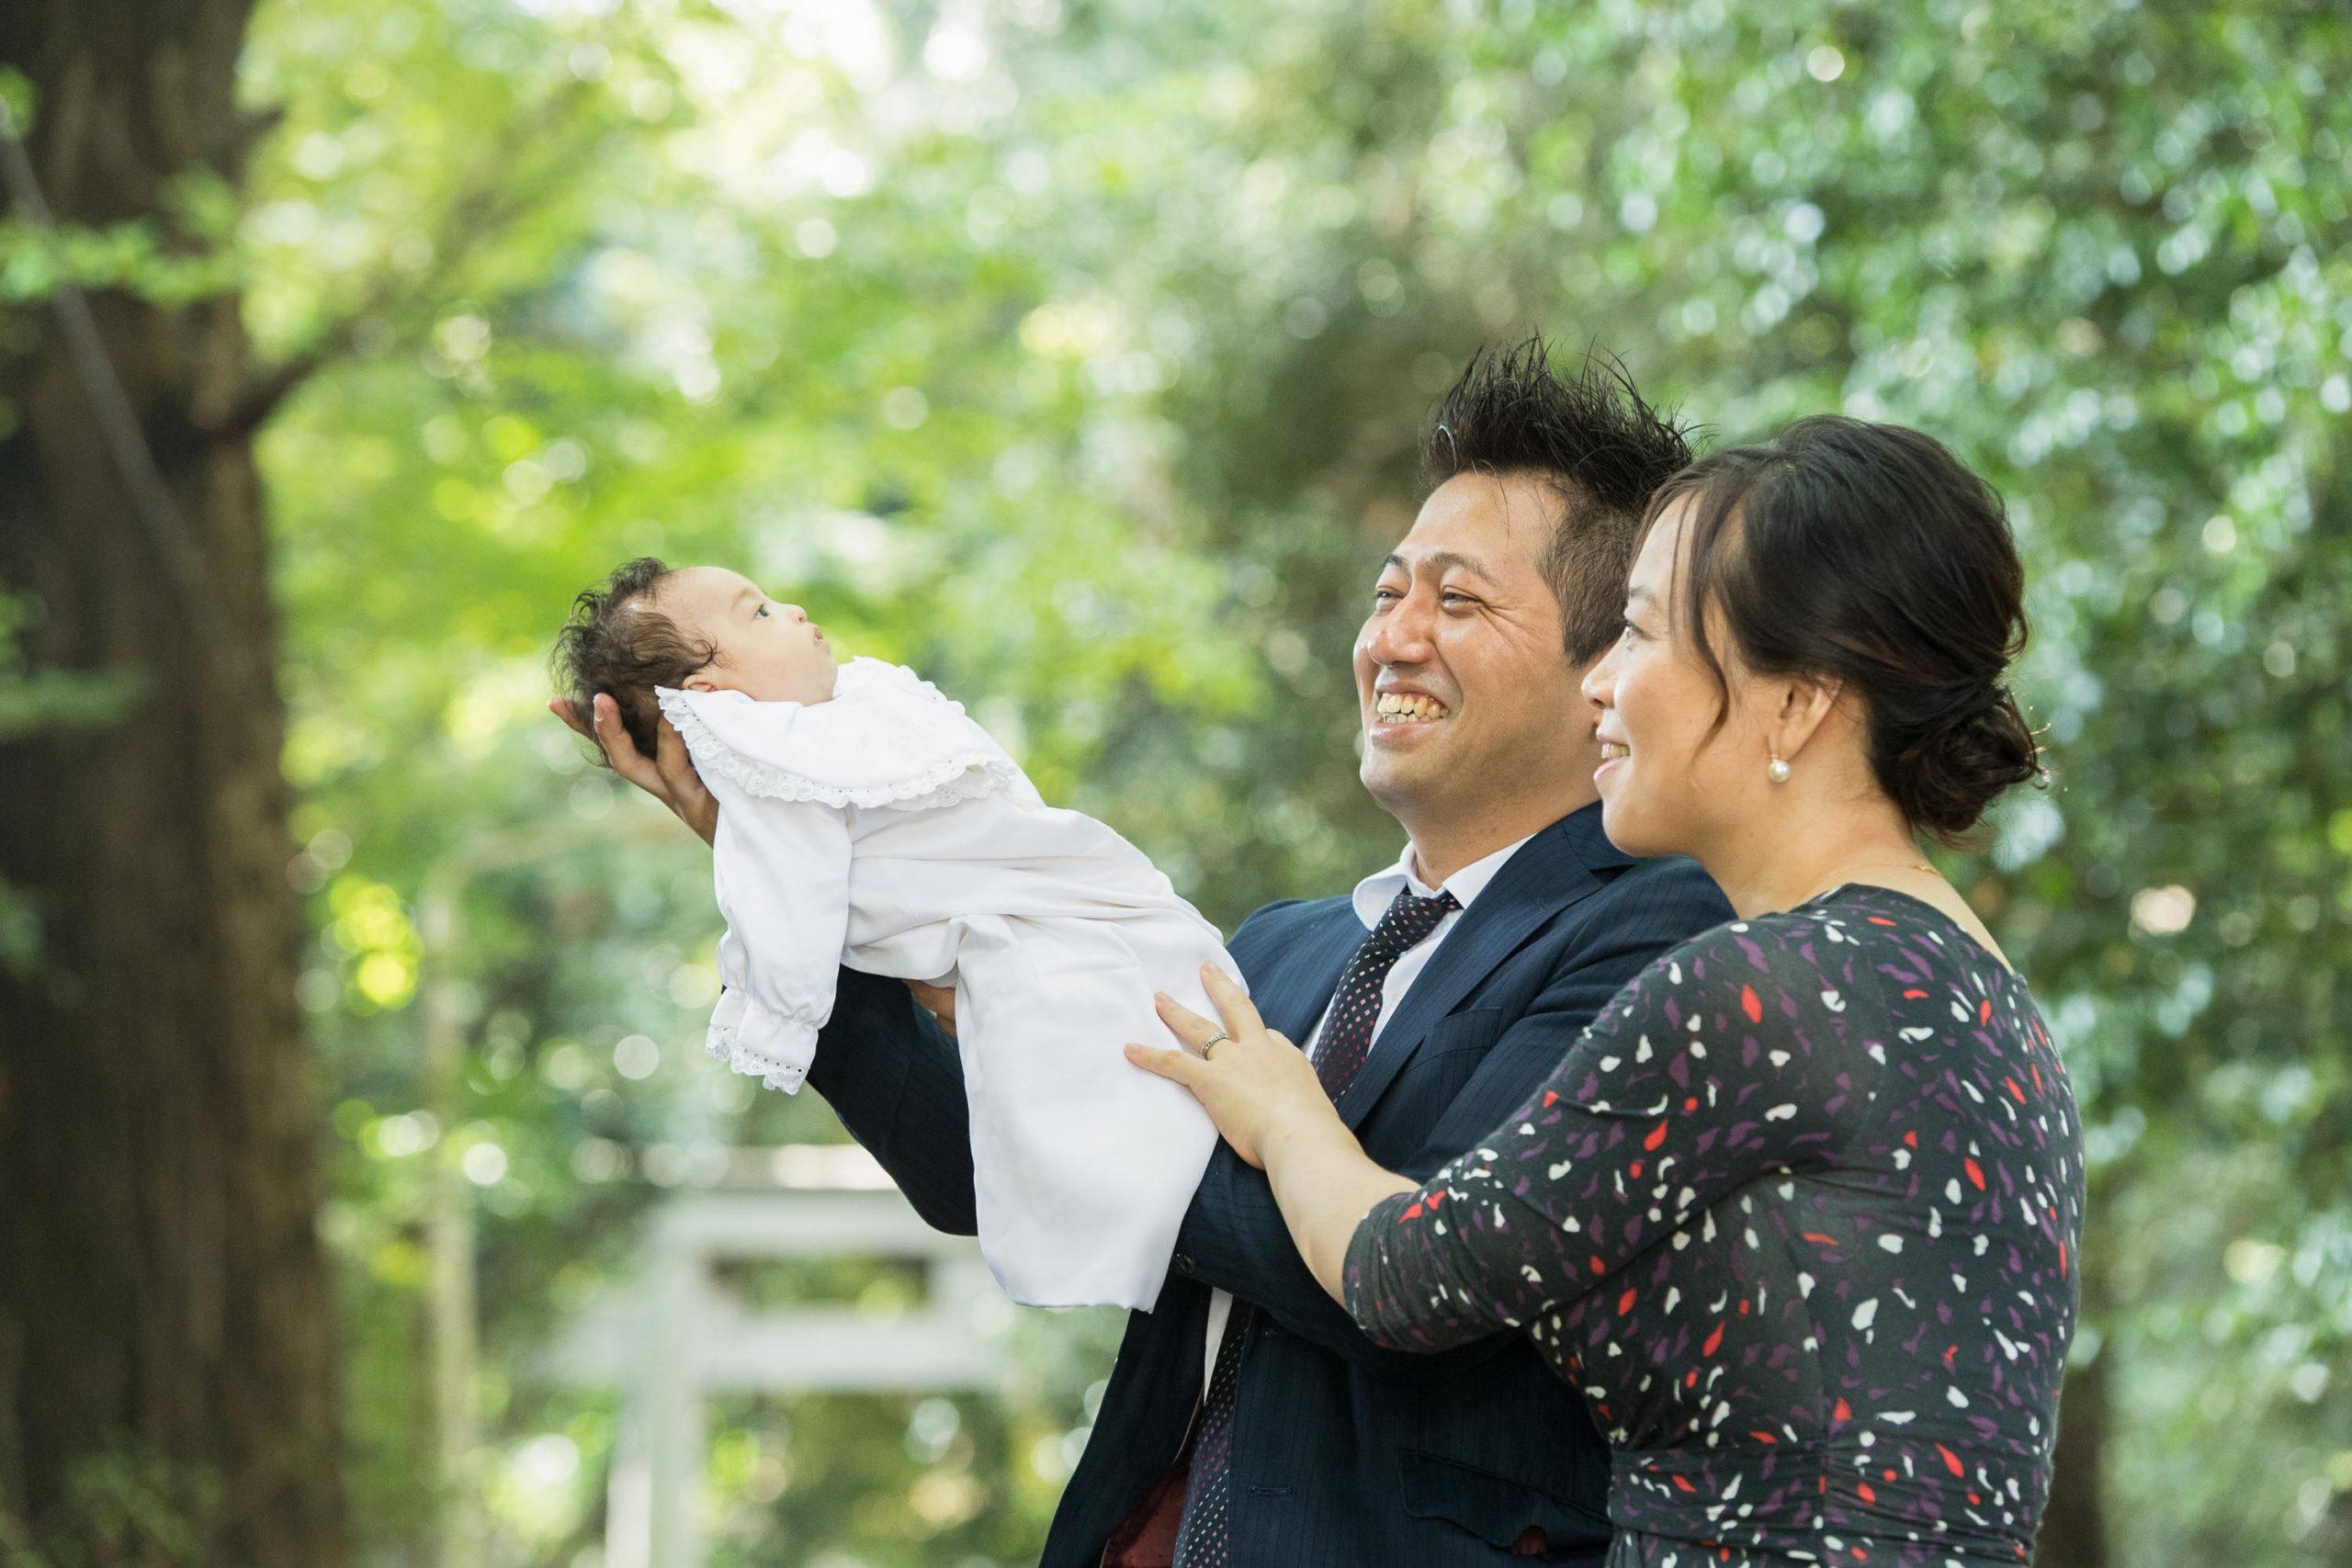 ライオンキングのように赤ちゃんを高く上げる男性と横に立つ女声